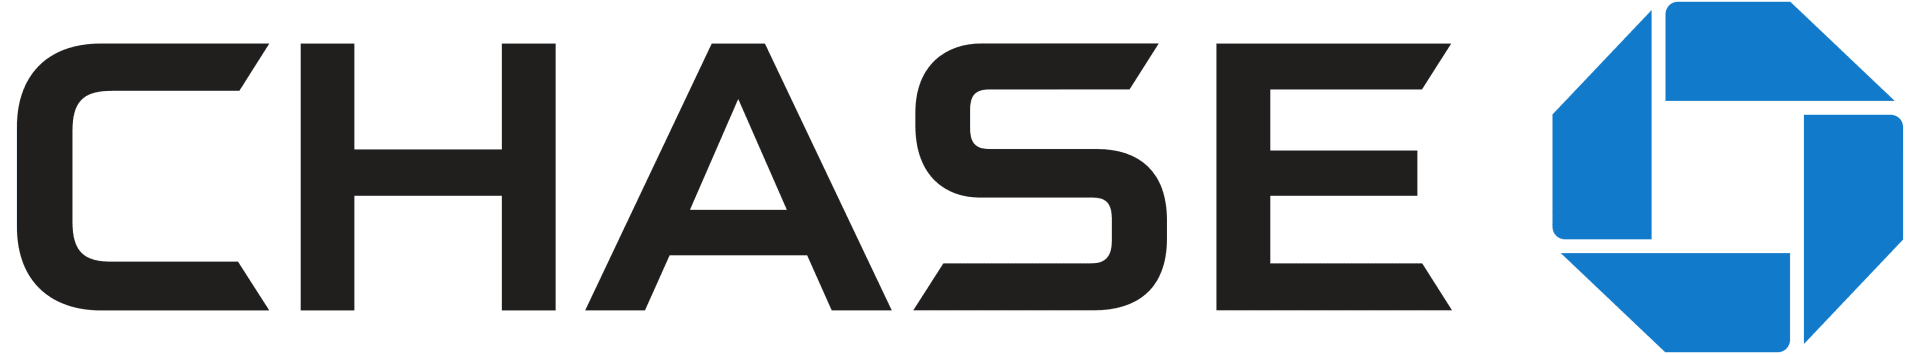 Chase_Bank_logo_emblem-w1920.png